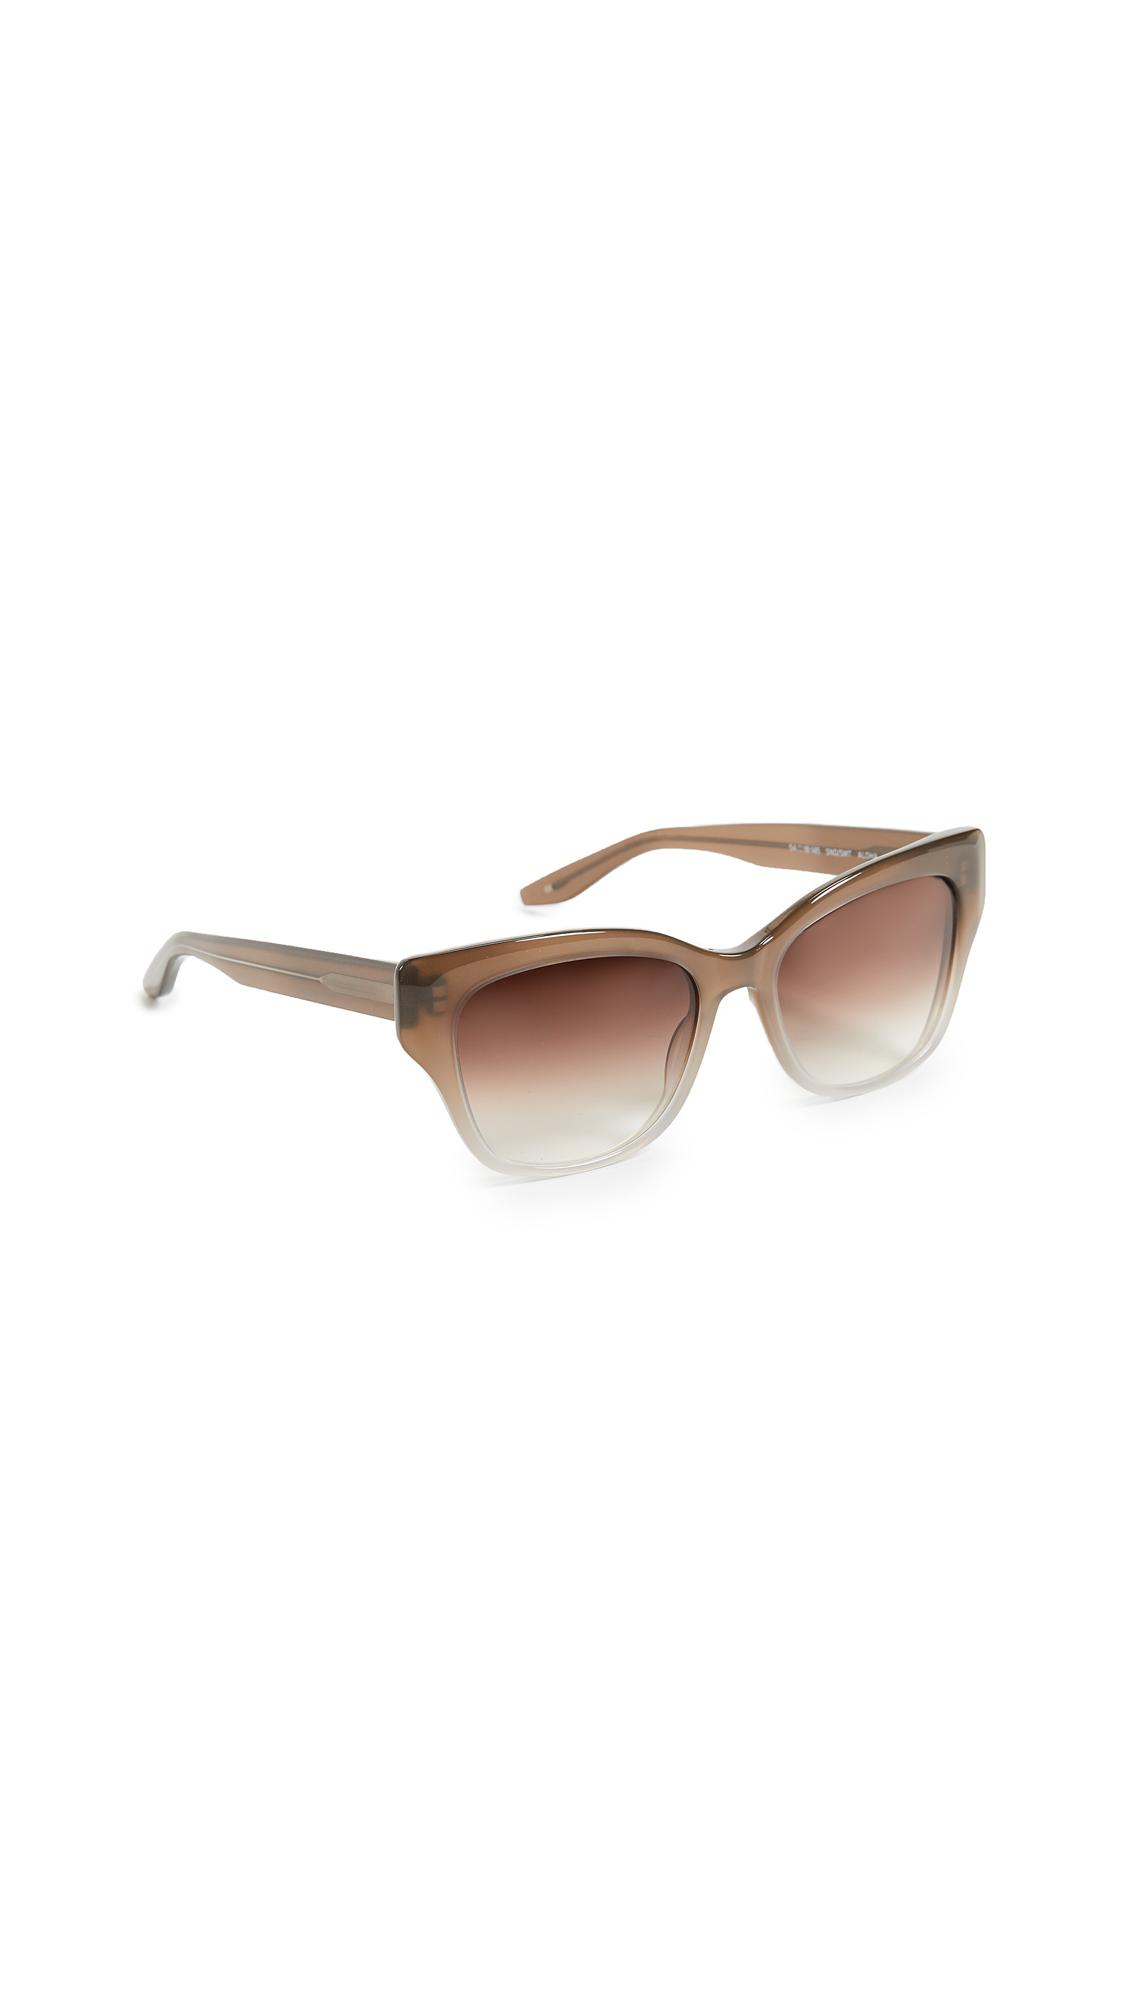 Womens Aloha Sunglasses Barton Perreira IIMHcO5NP